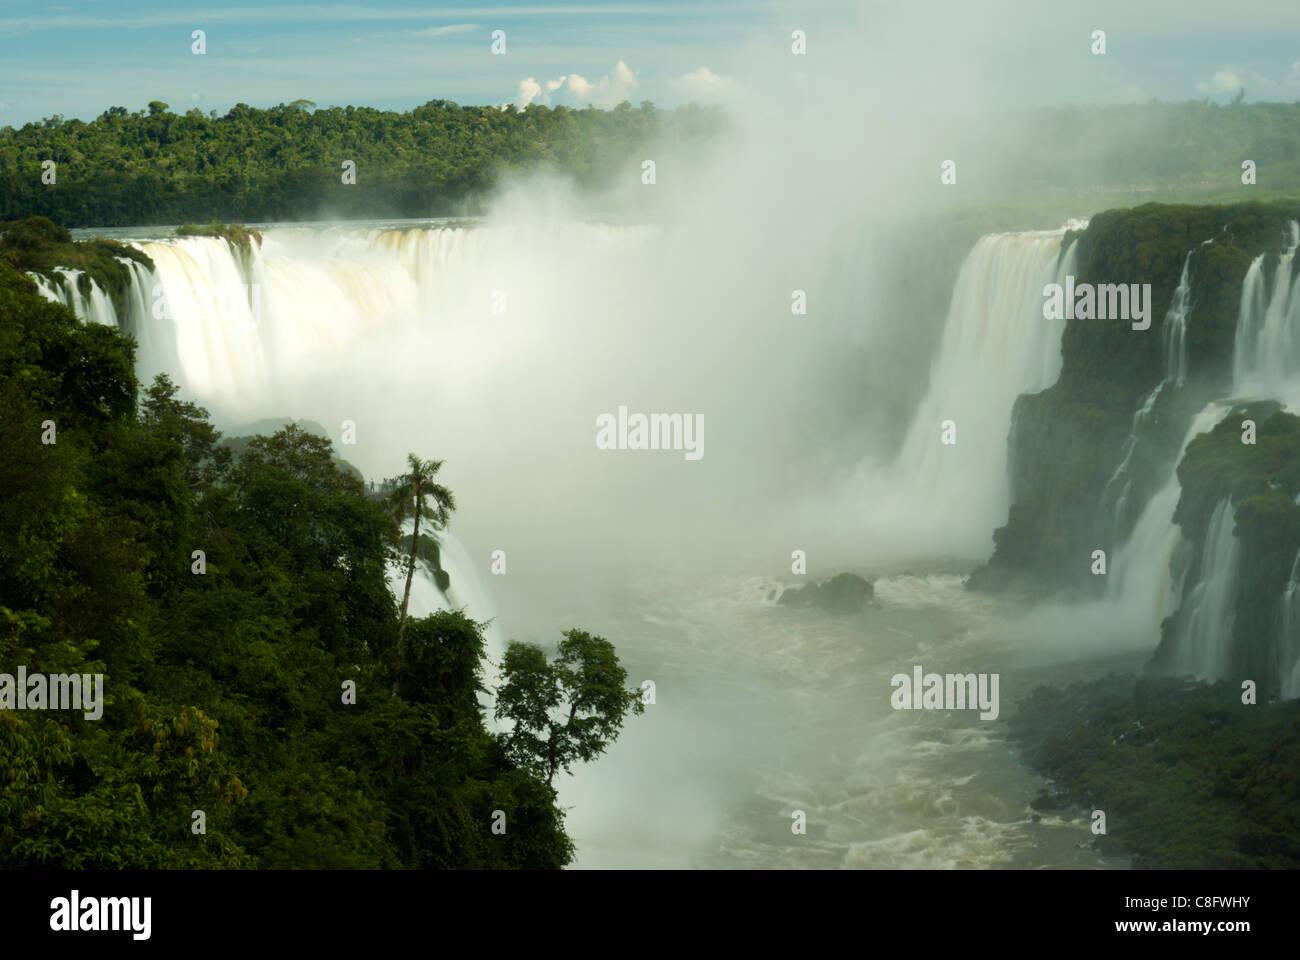 Iguazu, Iguaçu Falls, Cataratas do Iguaçu, Cataratas del Iguazú. Curitiba, Paraná, Brazil - Stock Image